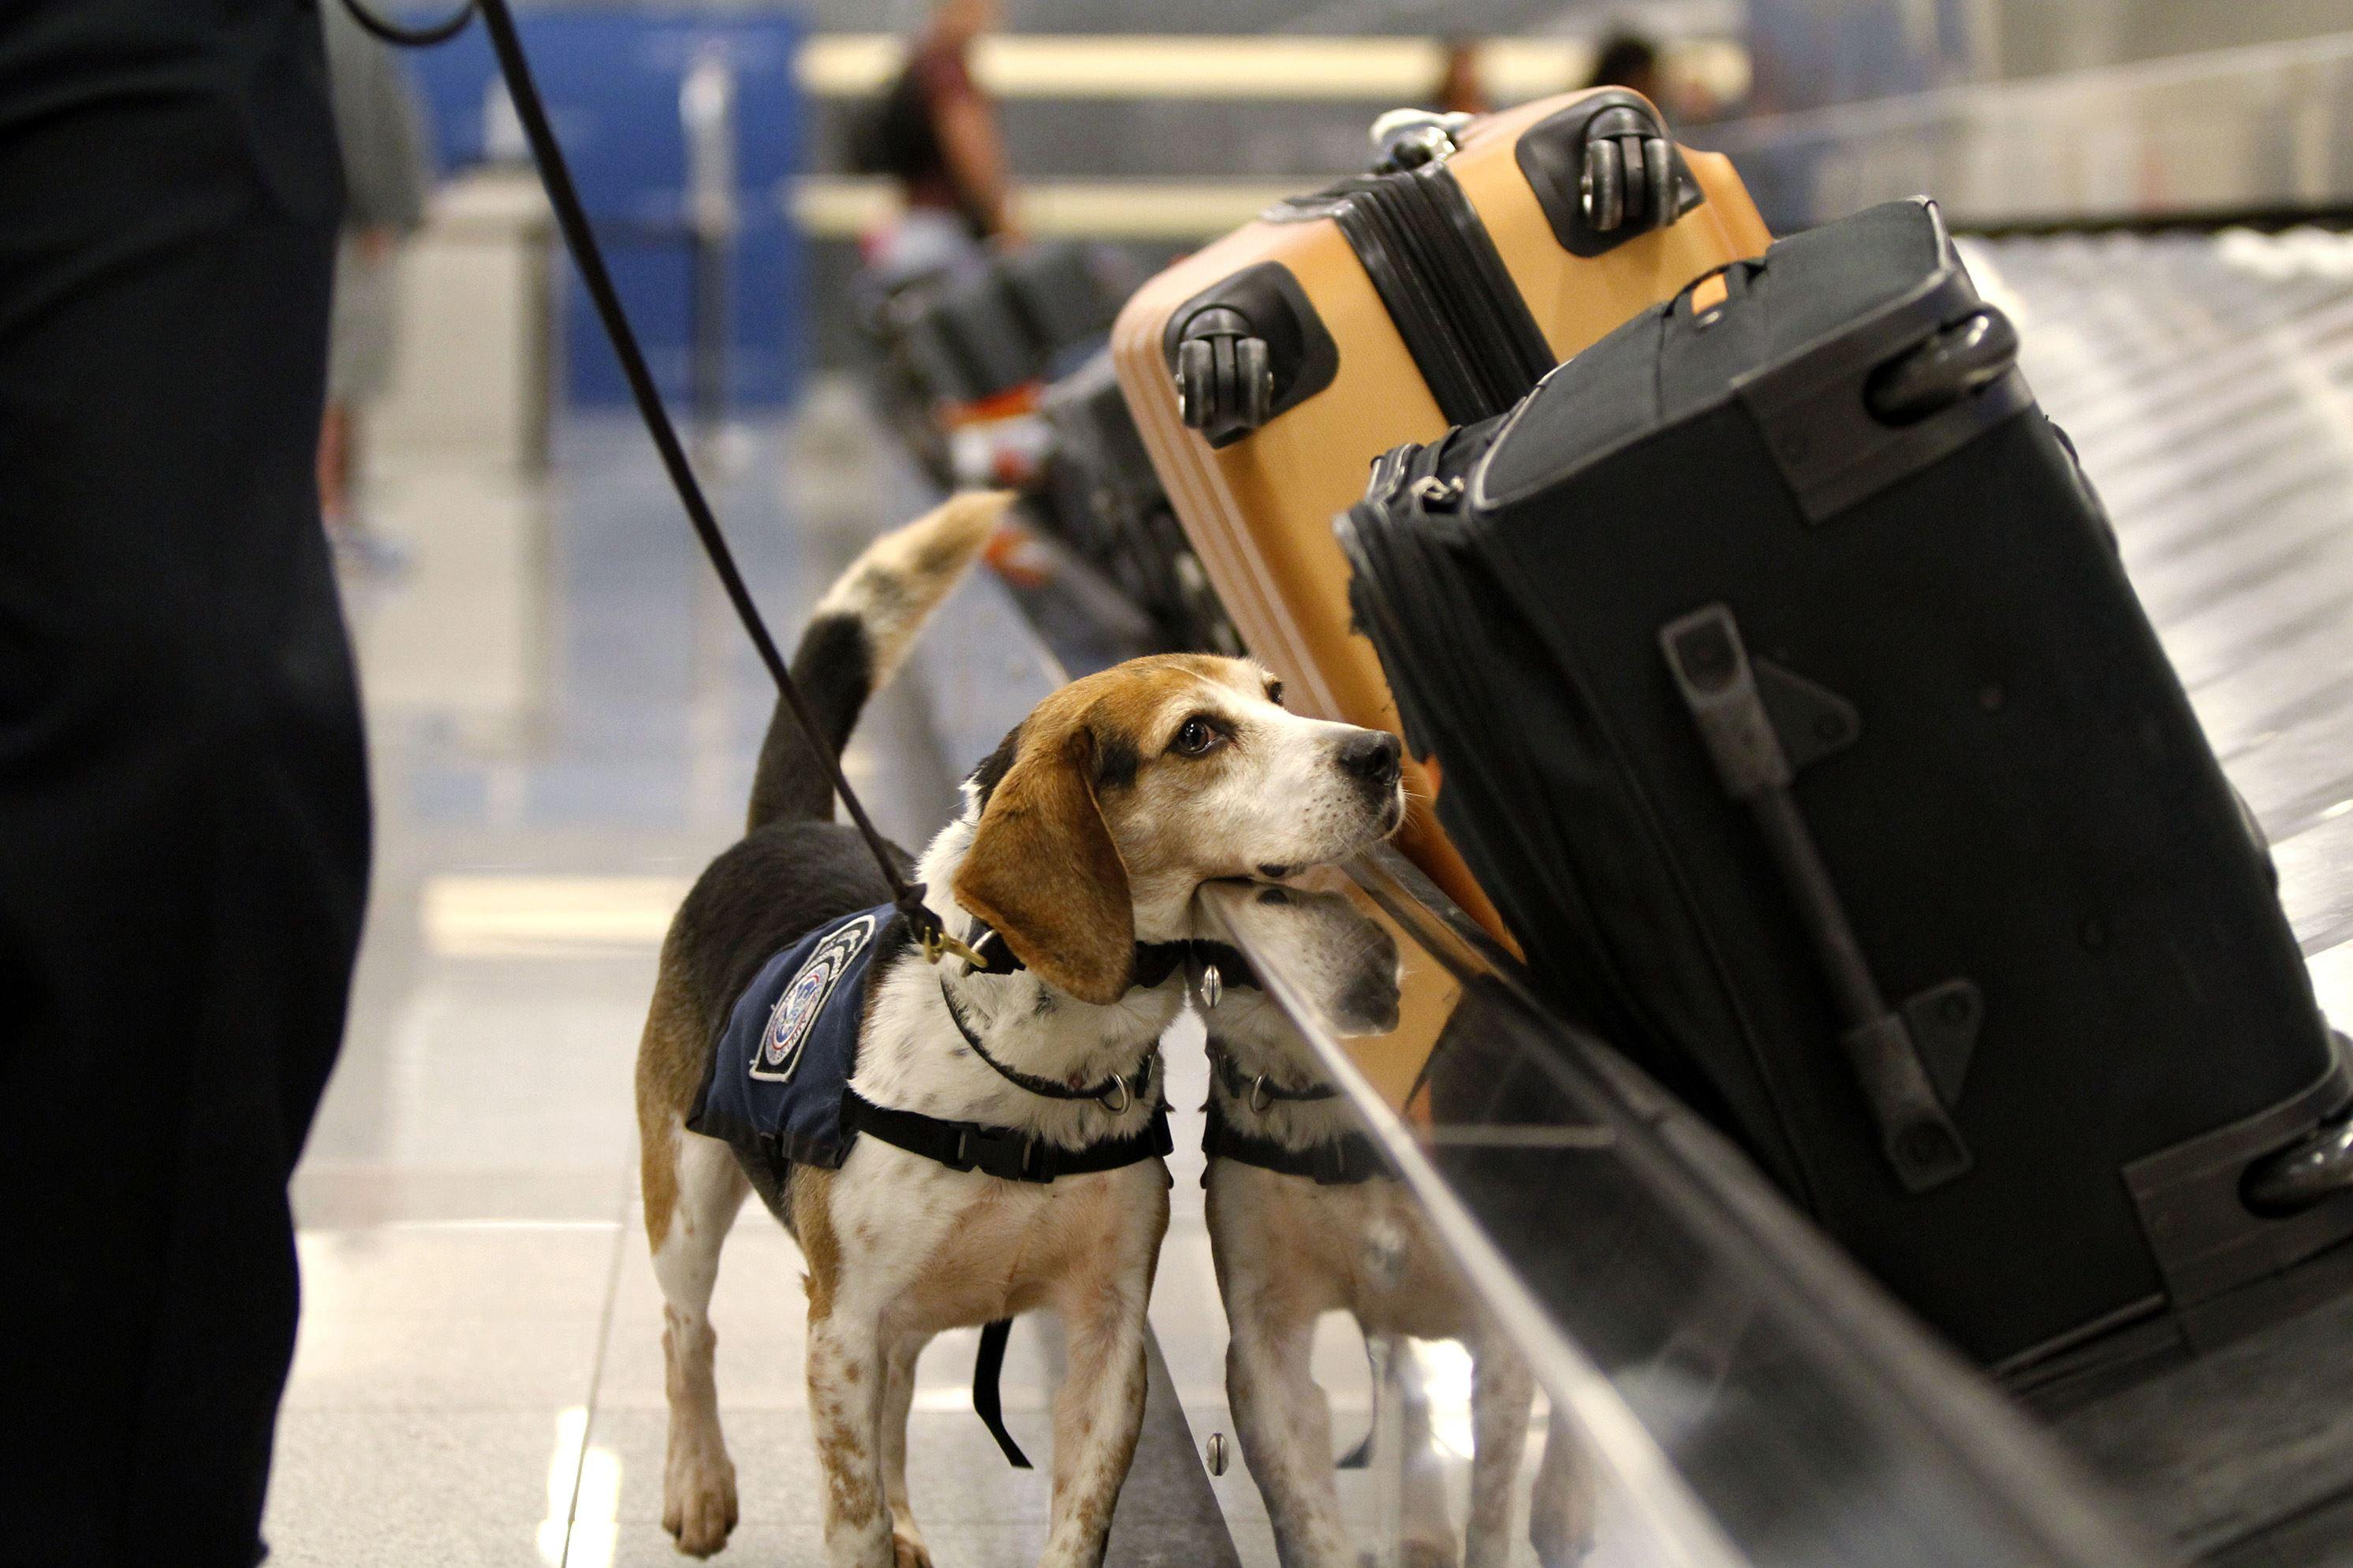 Відкриті змагання спеціальних розшукових собак на «Кубок співдружності» у Національному парку Межигір'я.